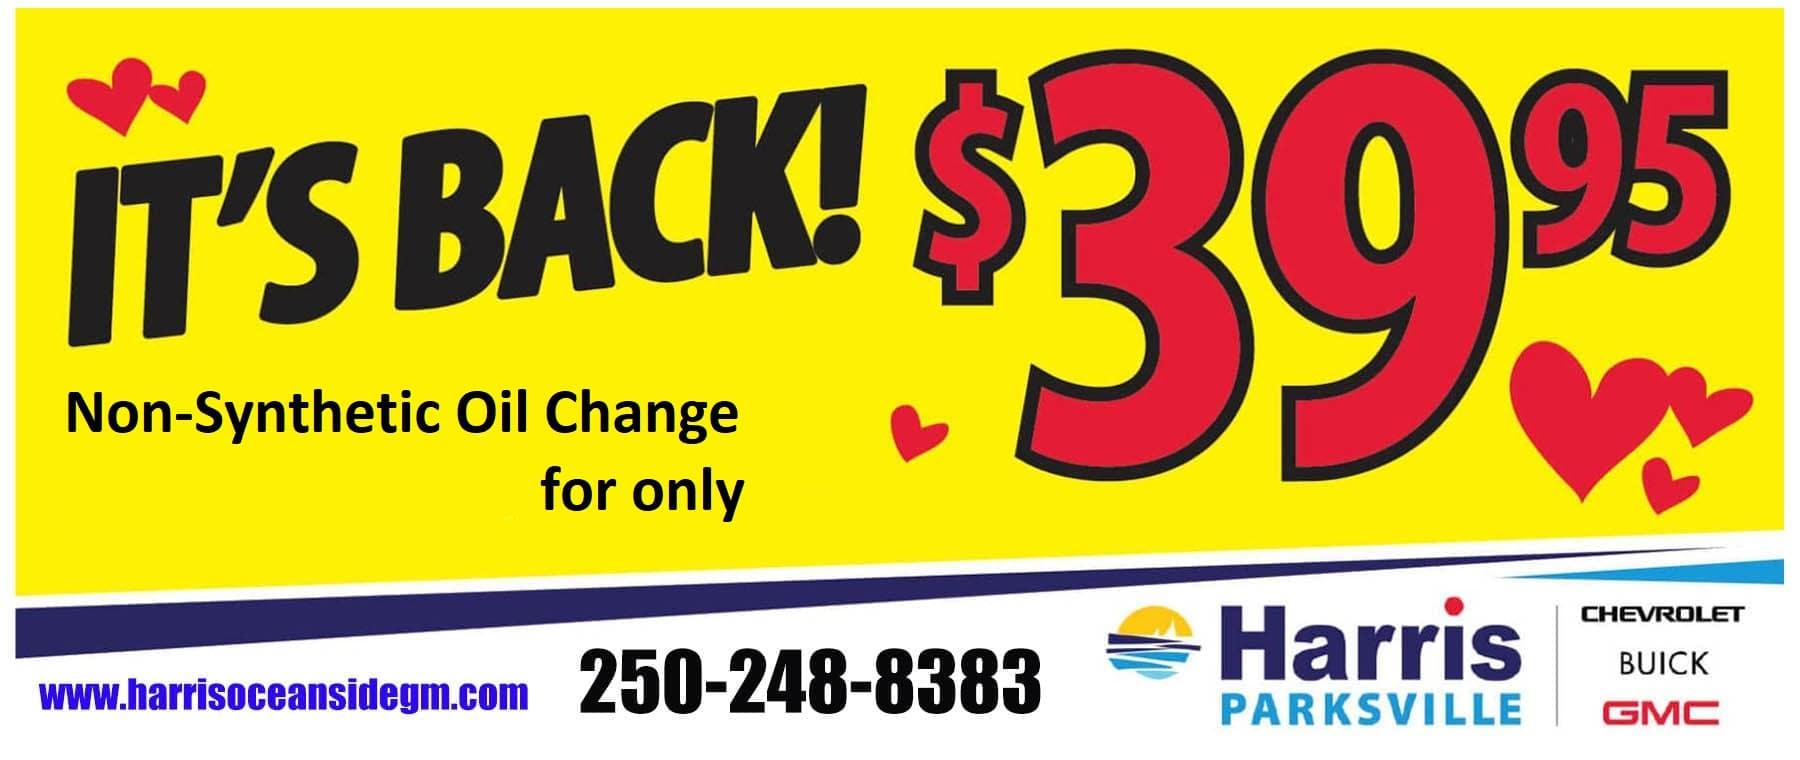 3995-Oil-Change-Harris-1-1800×760